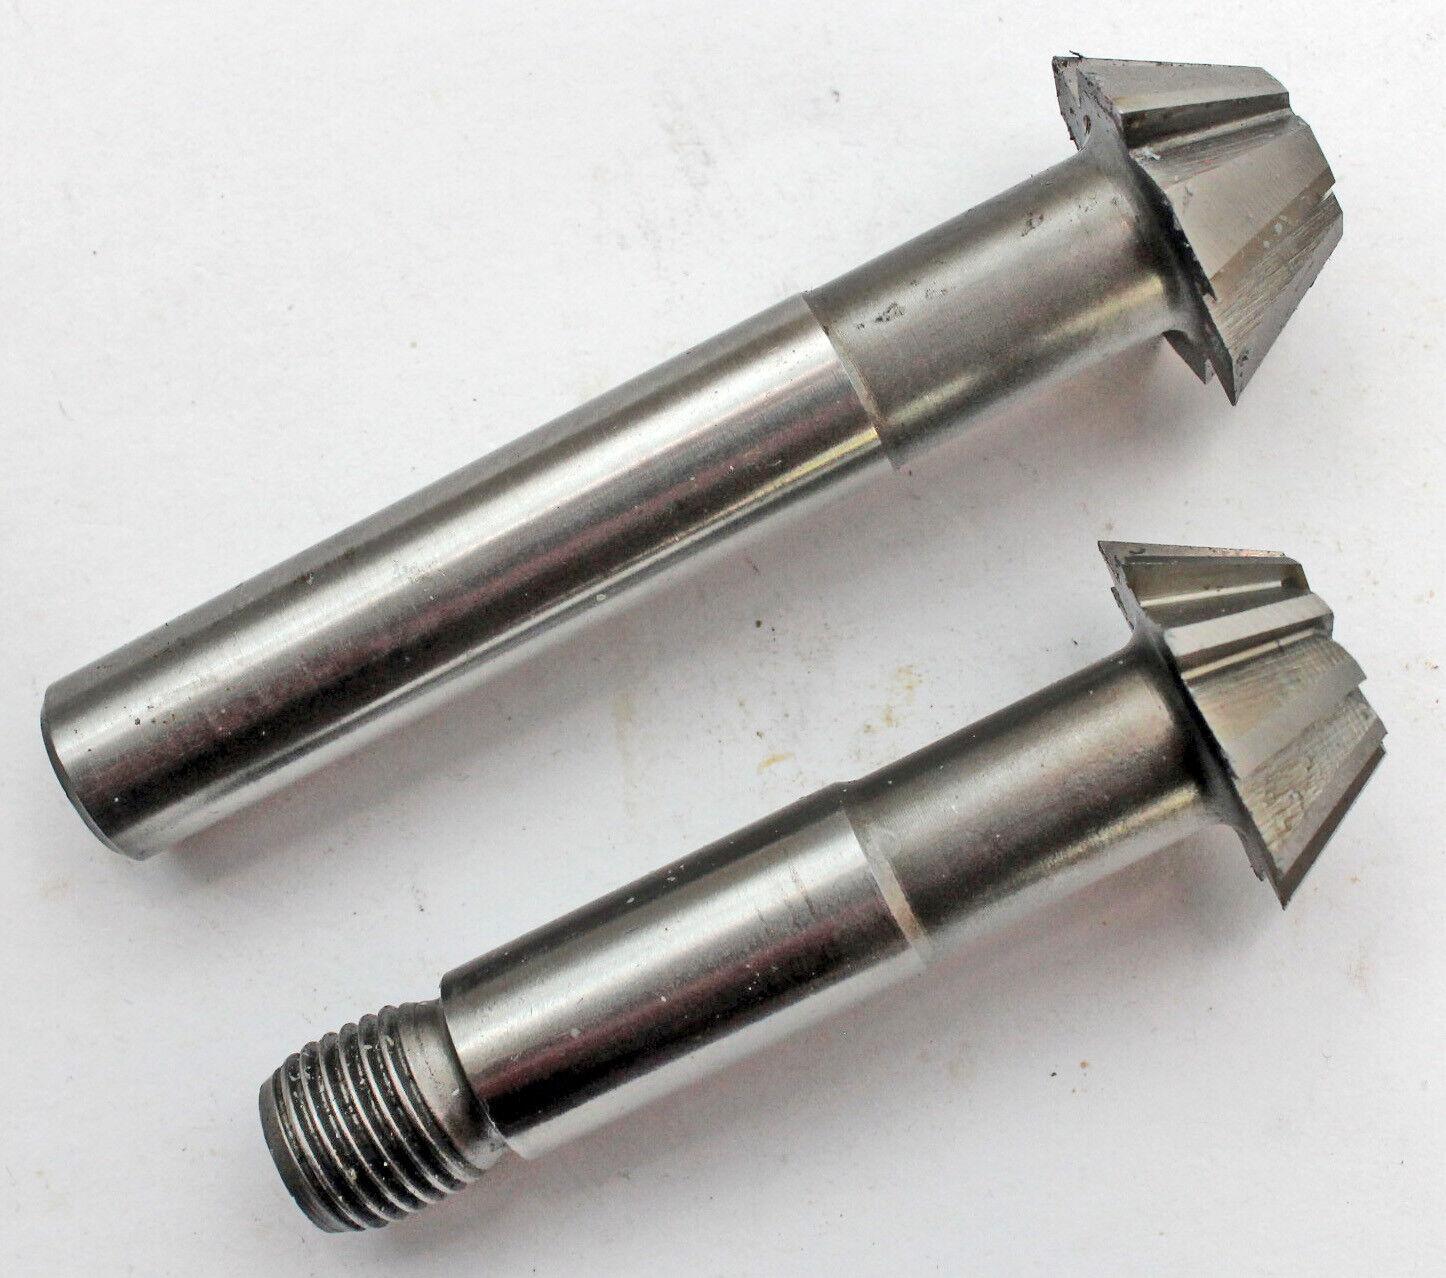 1 Stück Schaftfräser Winkelfräser HSS 16, 20, 22, 25, 32, 38 mm, 45°oder 60°